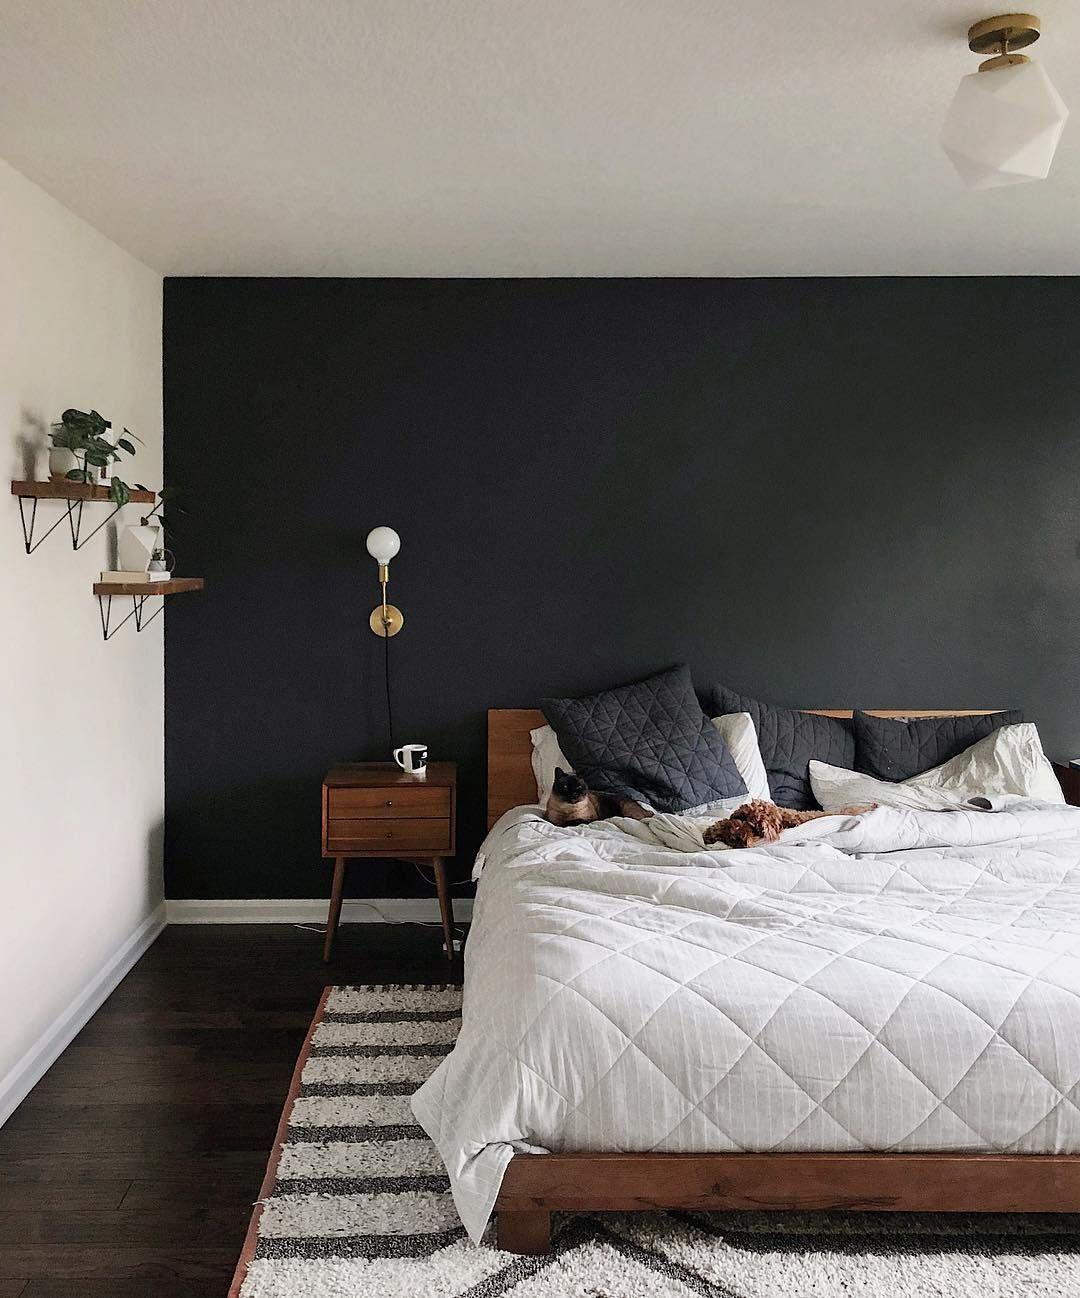 Best Mornings Via Findfarah Schoolhouseliving Black Walls